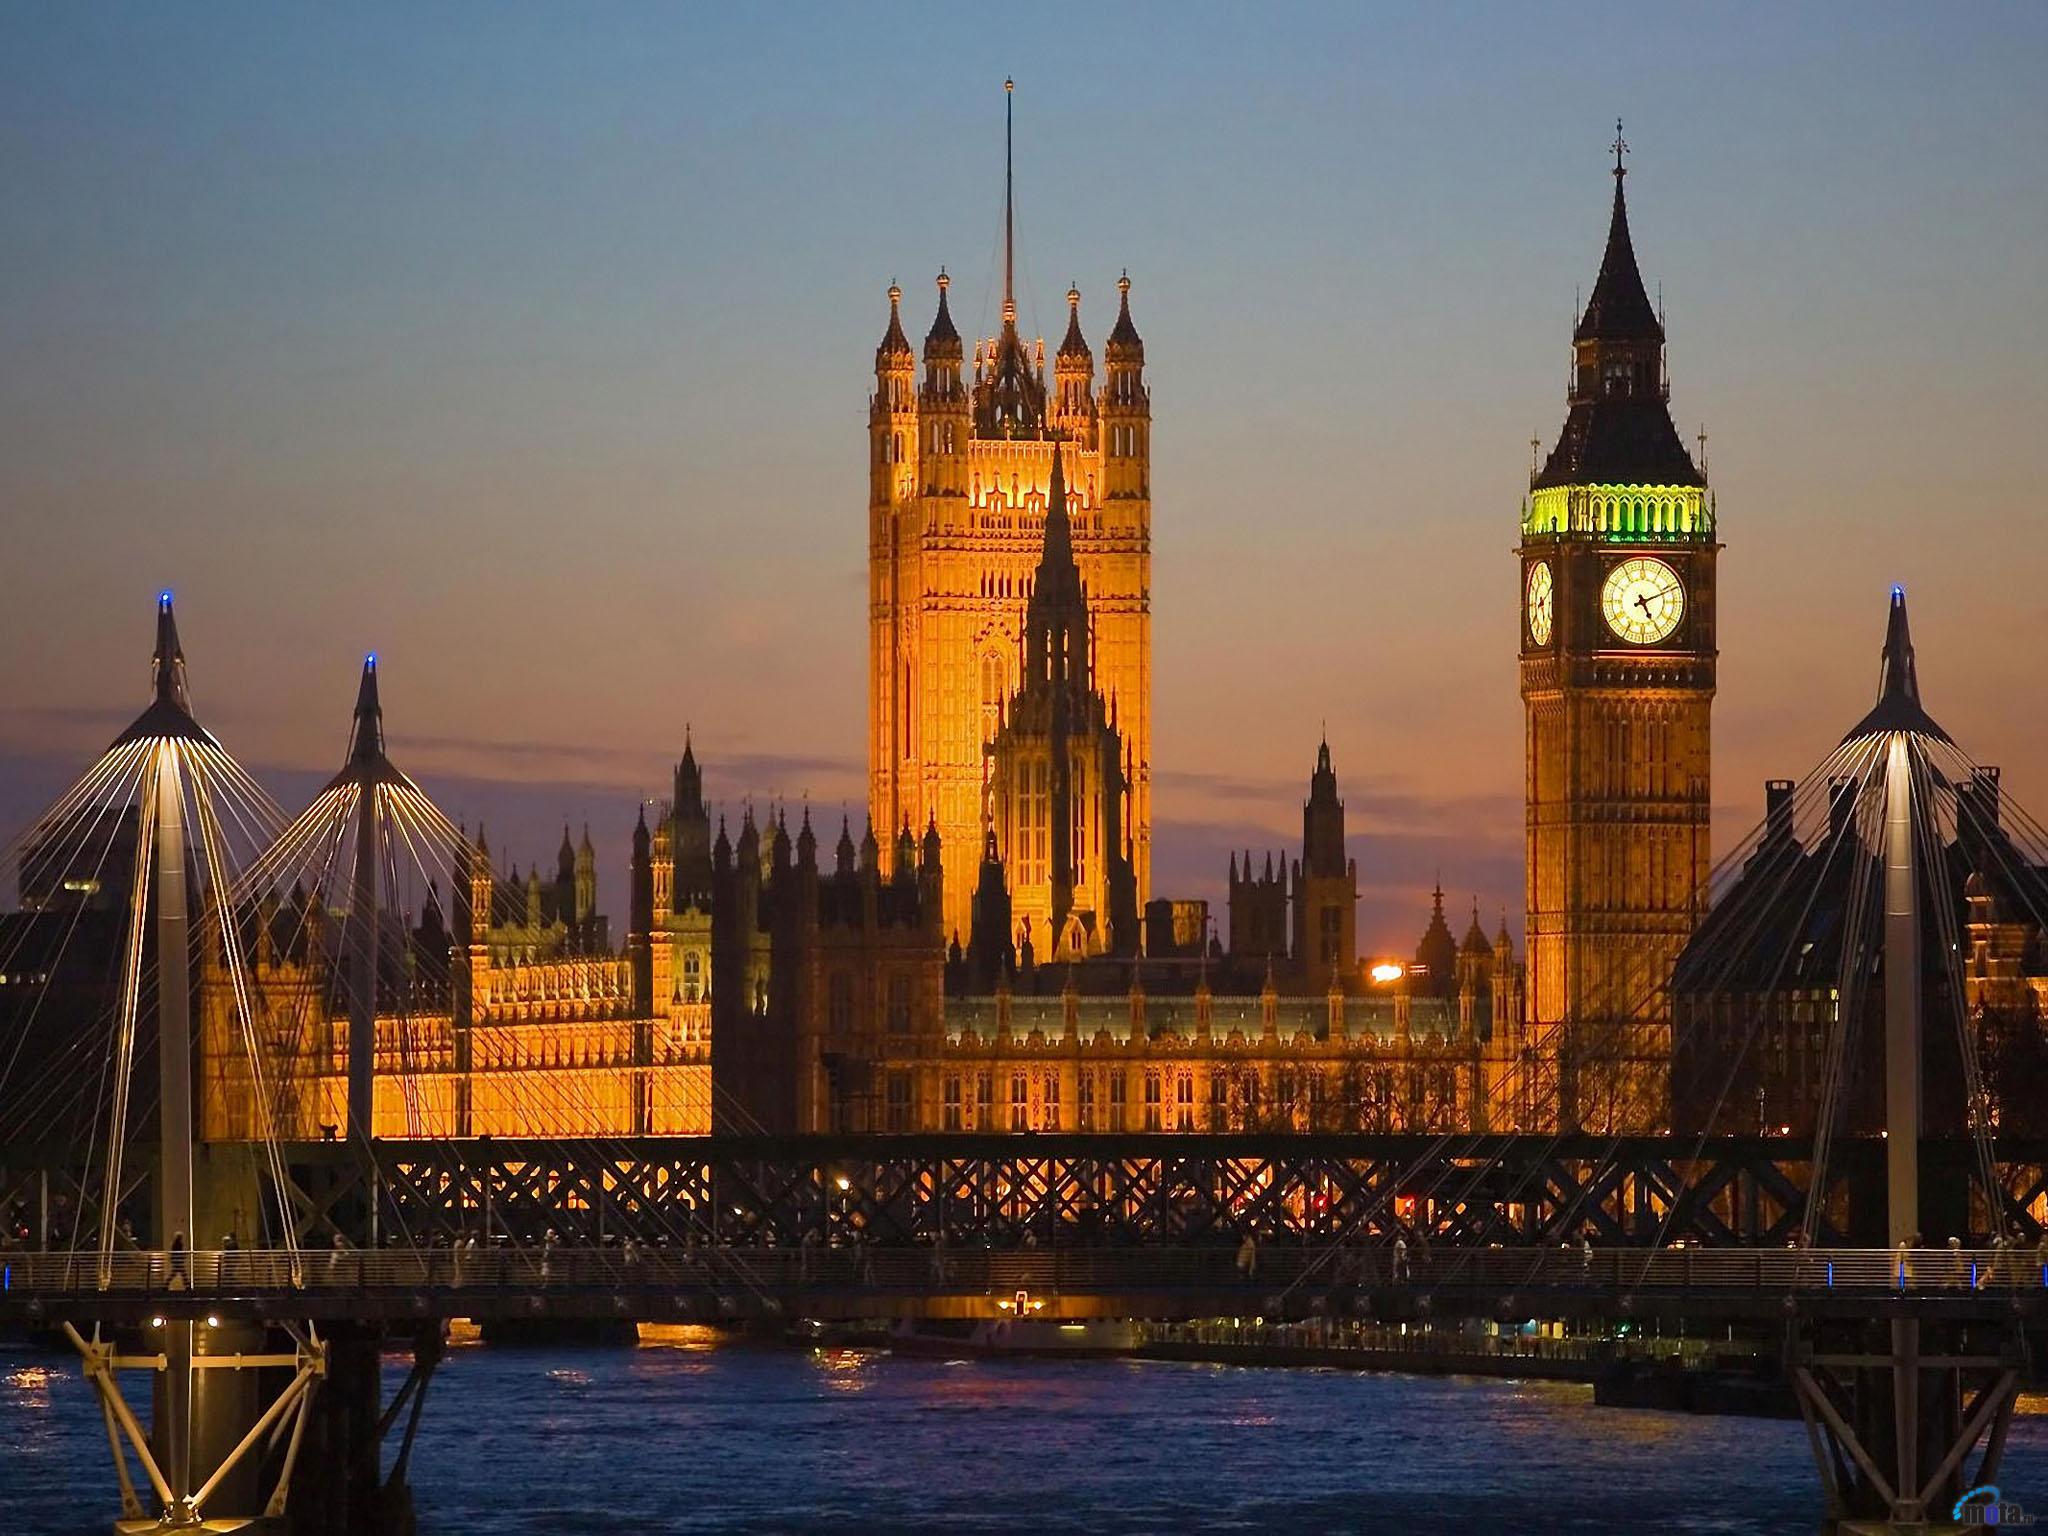 страны архитектура великобритания лондон бесплатно